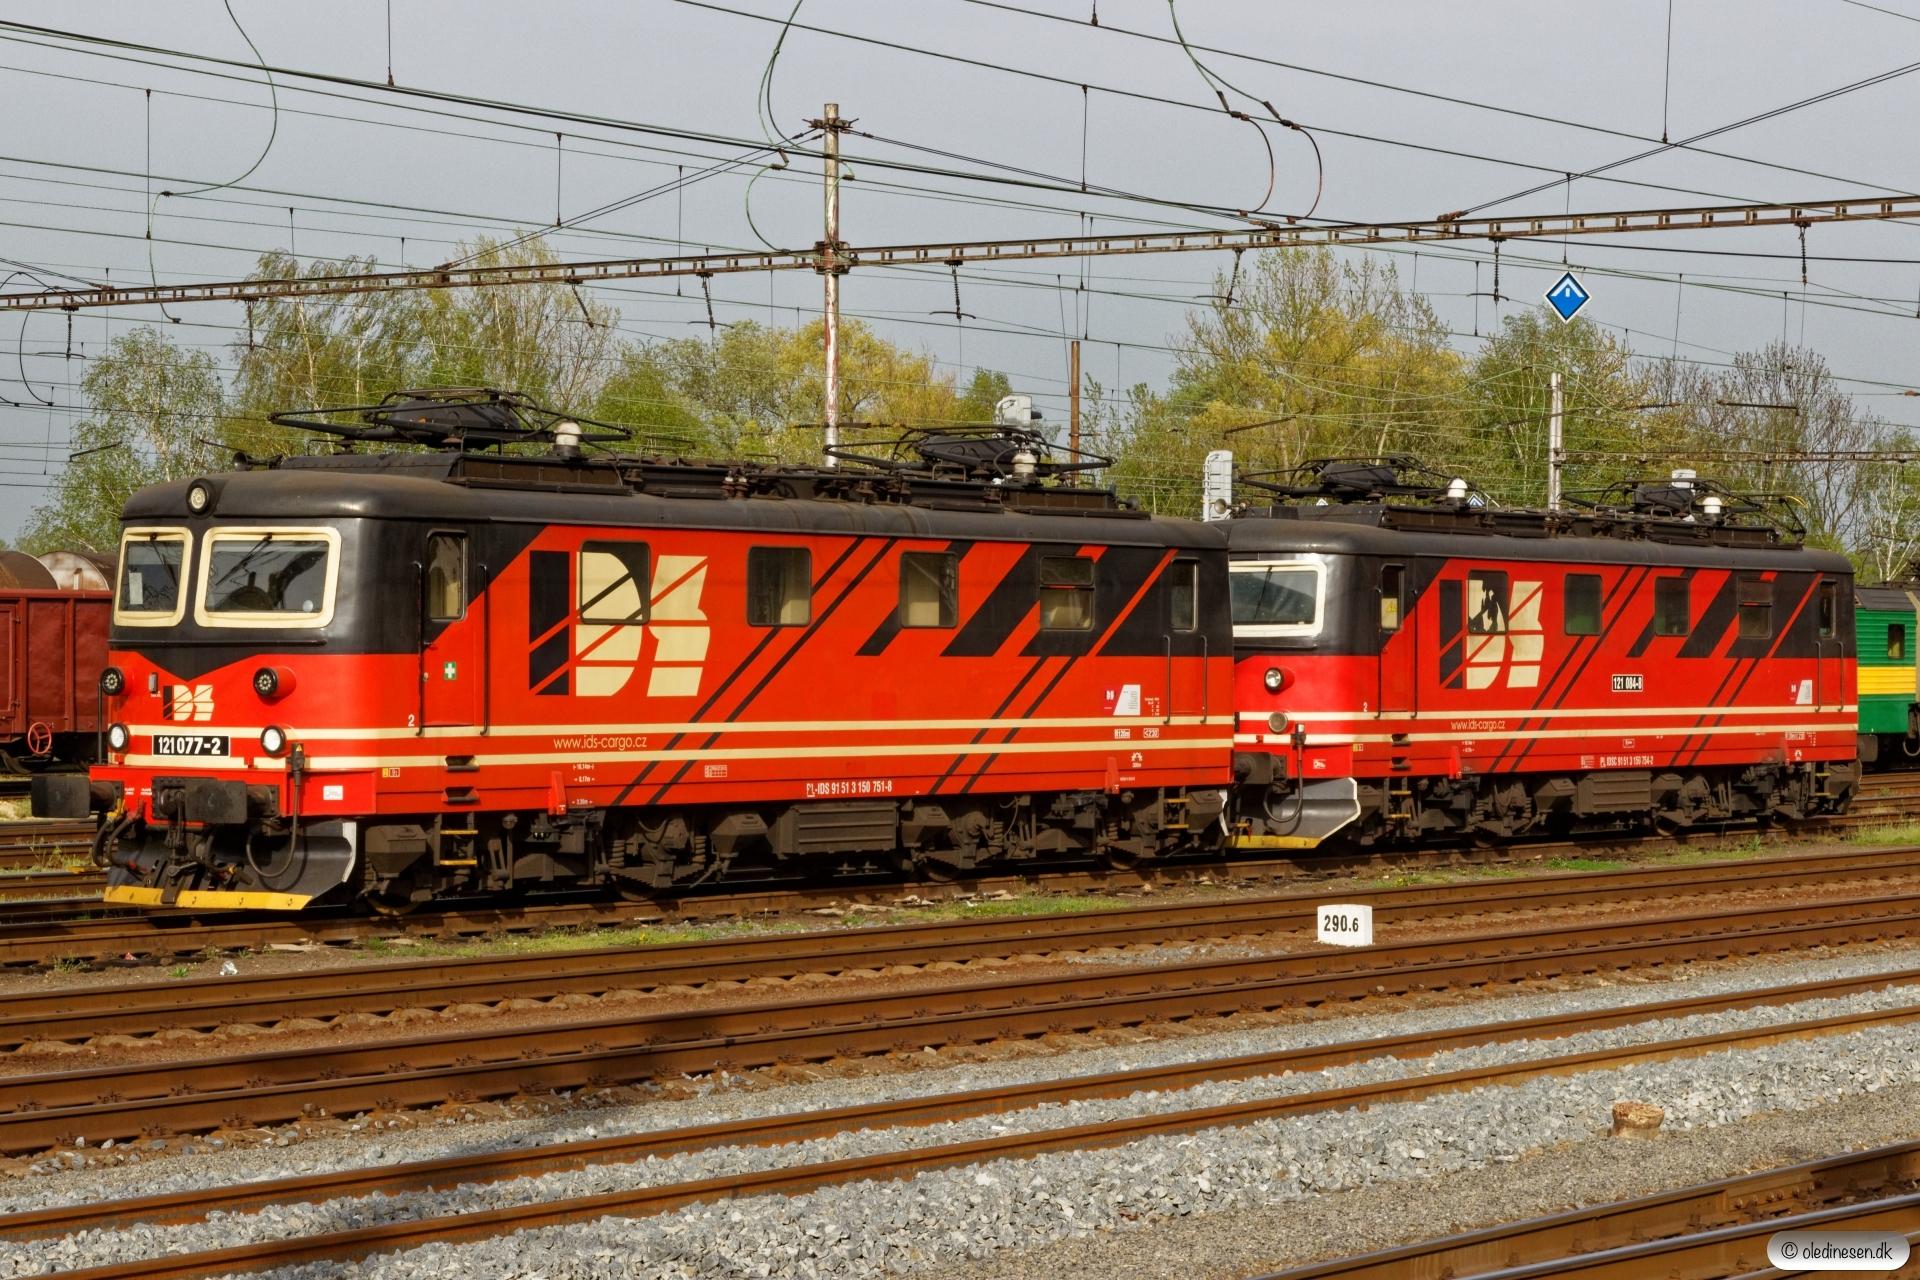 IDS 121 077-2+IDSC 121 084-8. Petrovice u Karviné (Tjekkiet) 26.04.2019 kl. 17.28.